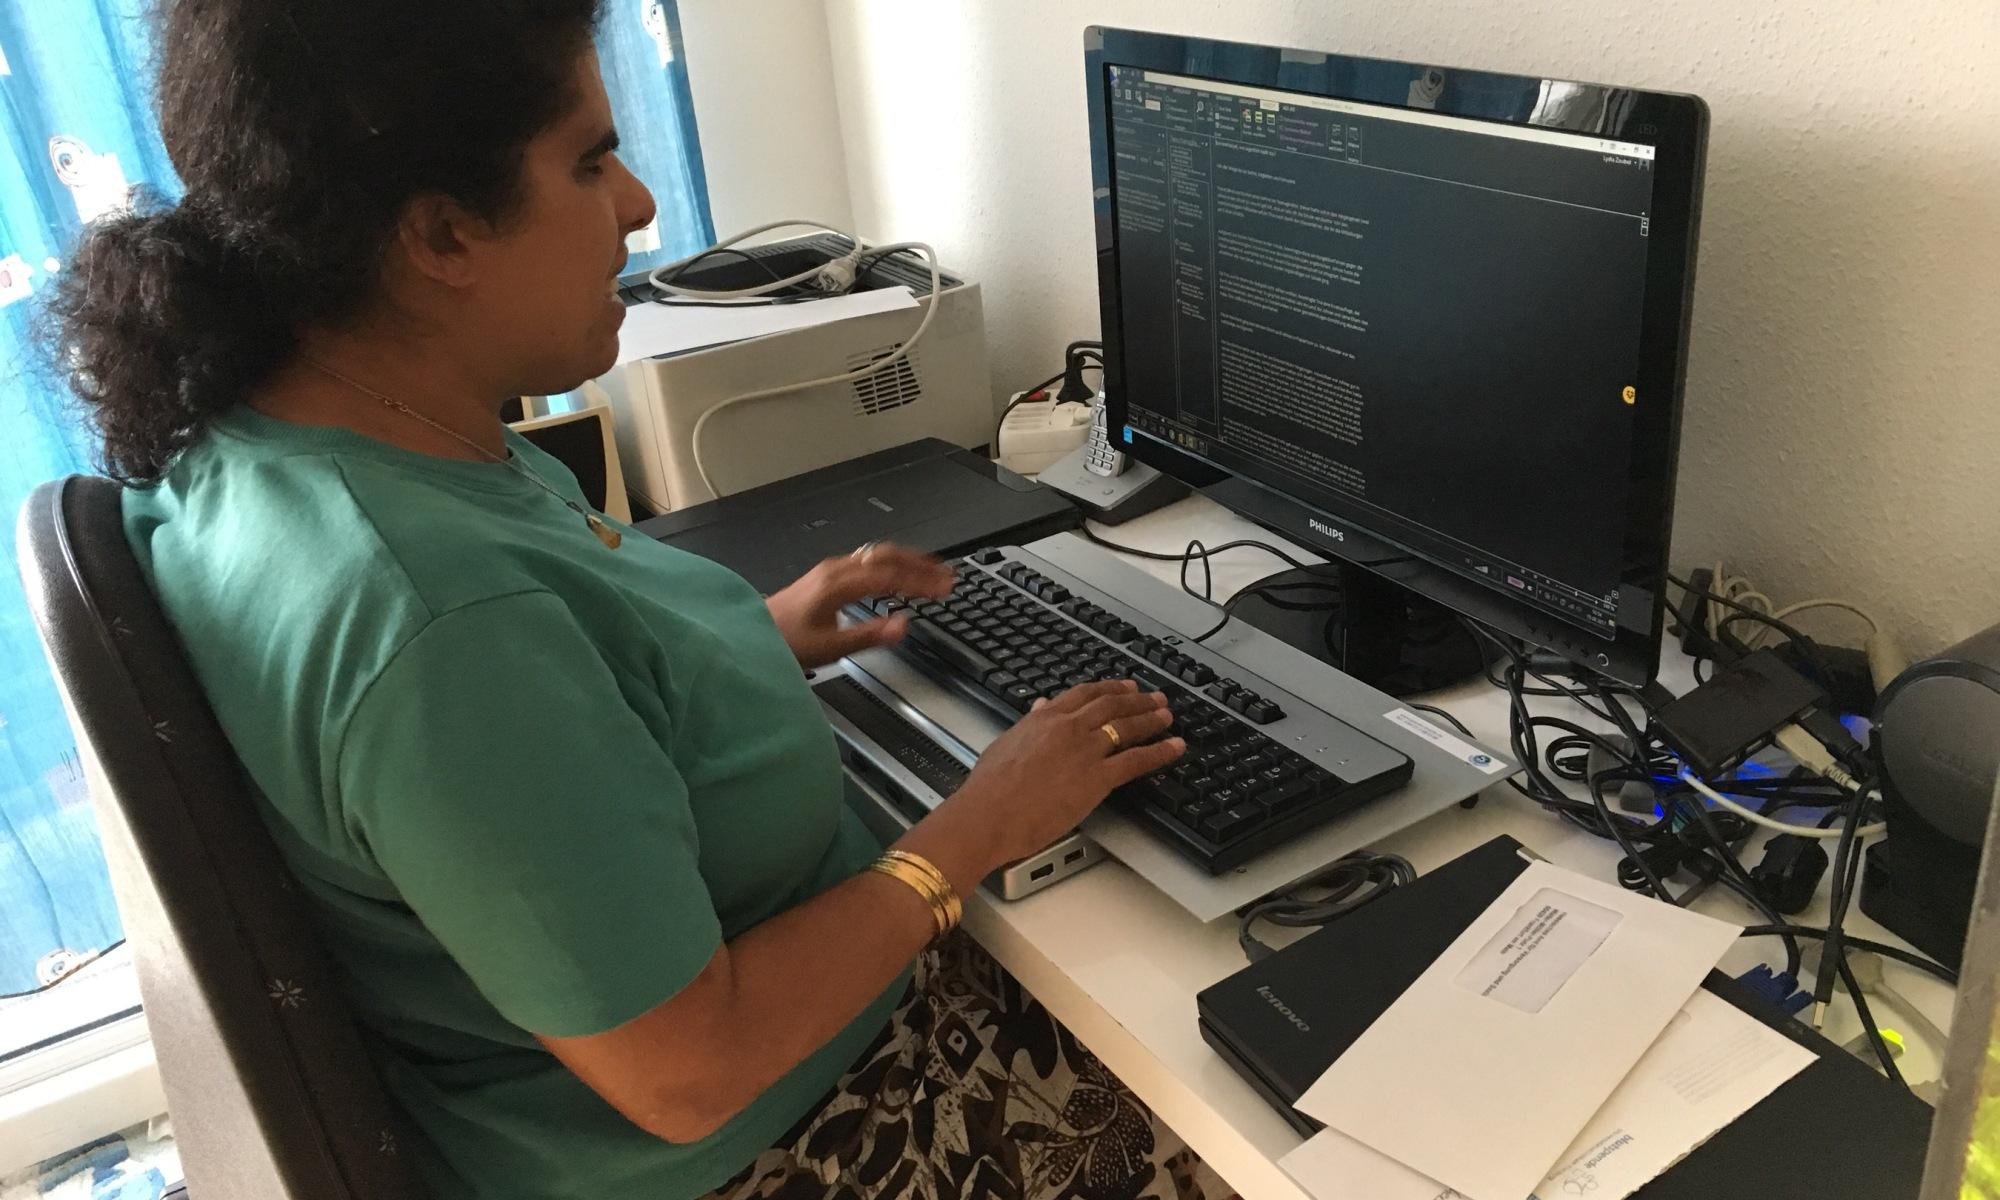 Lydia sitzt am Schreibtisch, auf dem ein Computerarbeitsplatz steht.